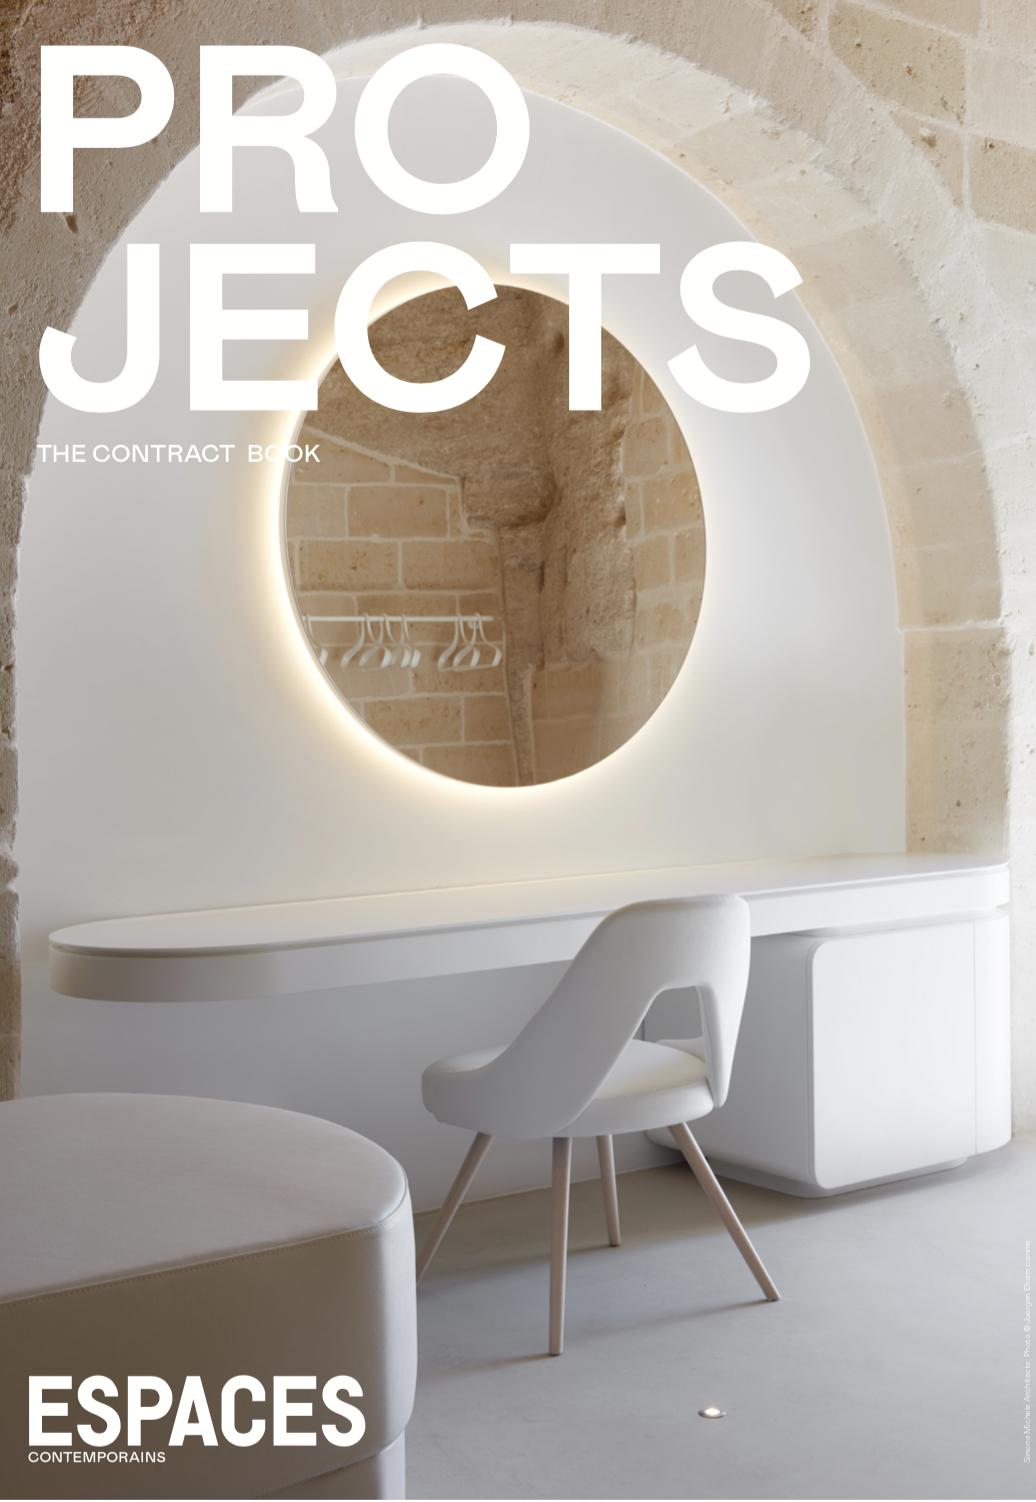 PROJECTS - Das Jahresmagazin von Espaces contemporains ist als eigenständiges Magazin konzipiert und präsentiert Hotels und Hotelanlagen, aber auch Arbeitsbereiche, die aufgrund ihrer hohen Qualität, ihrer Ausstattung oder ihrer Lage ausgewählt wurden.